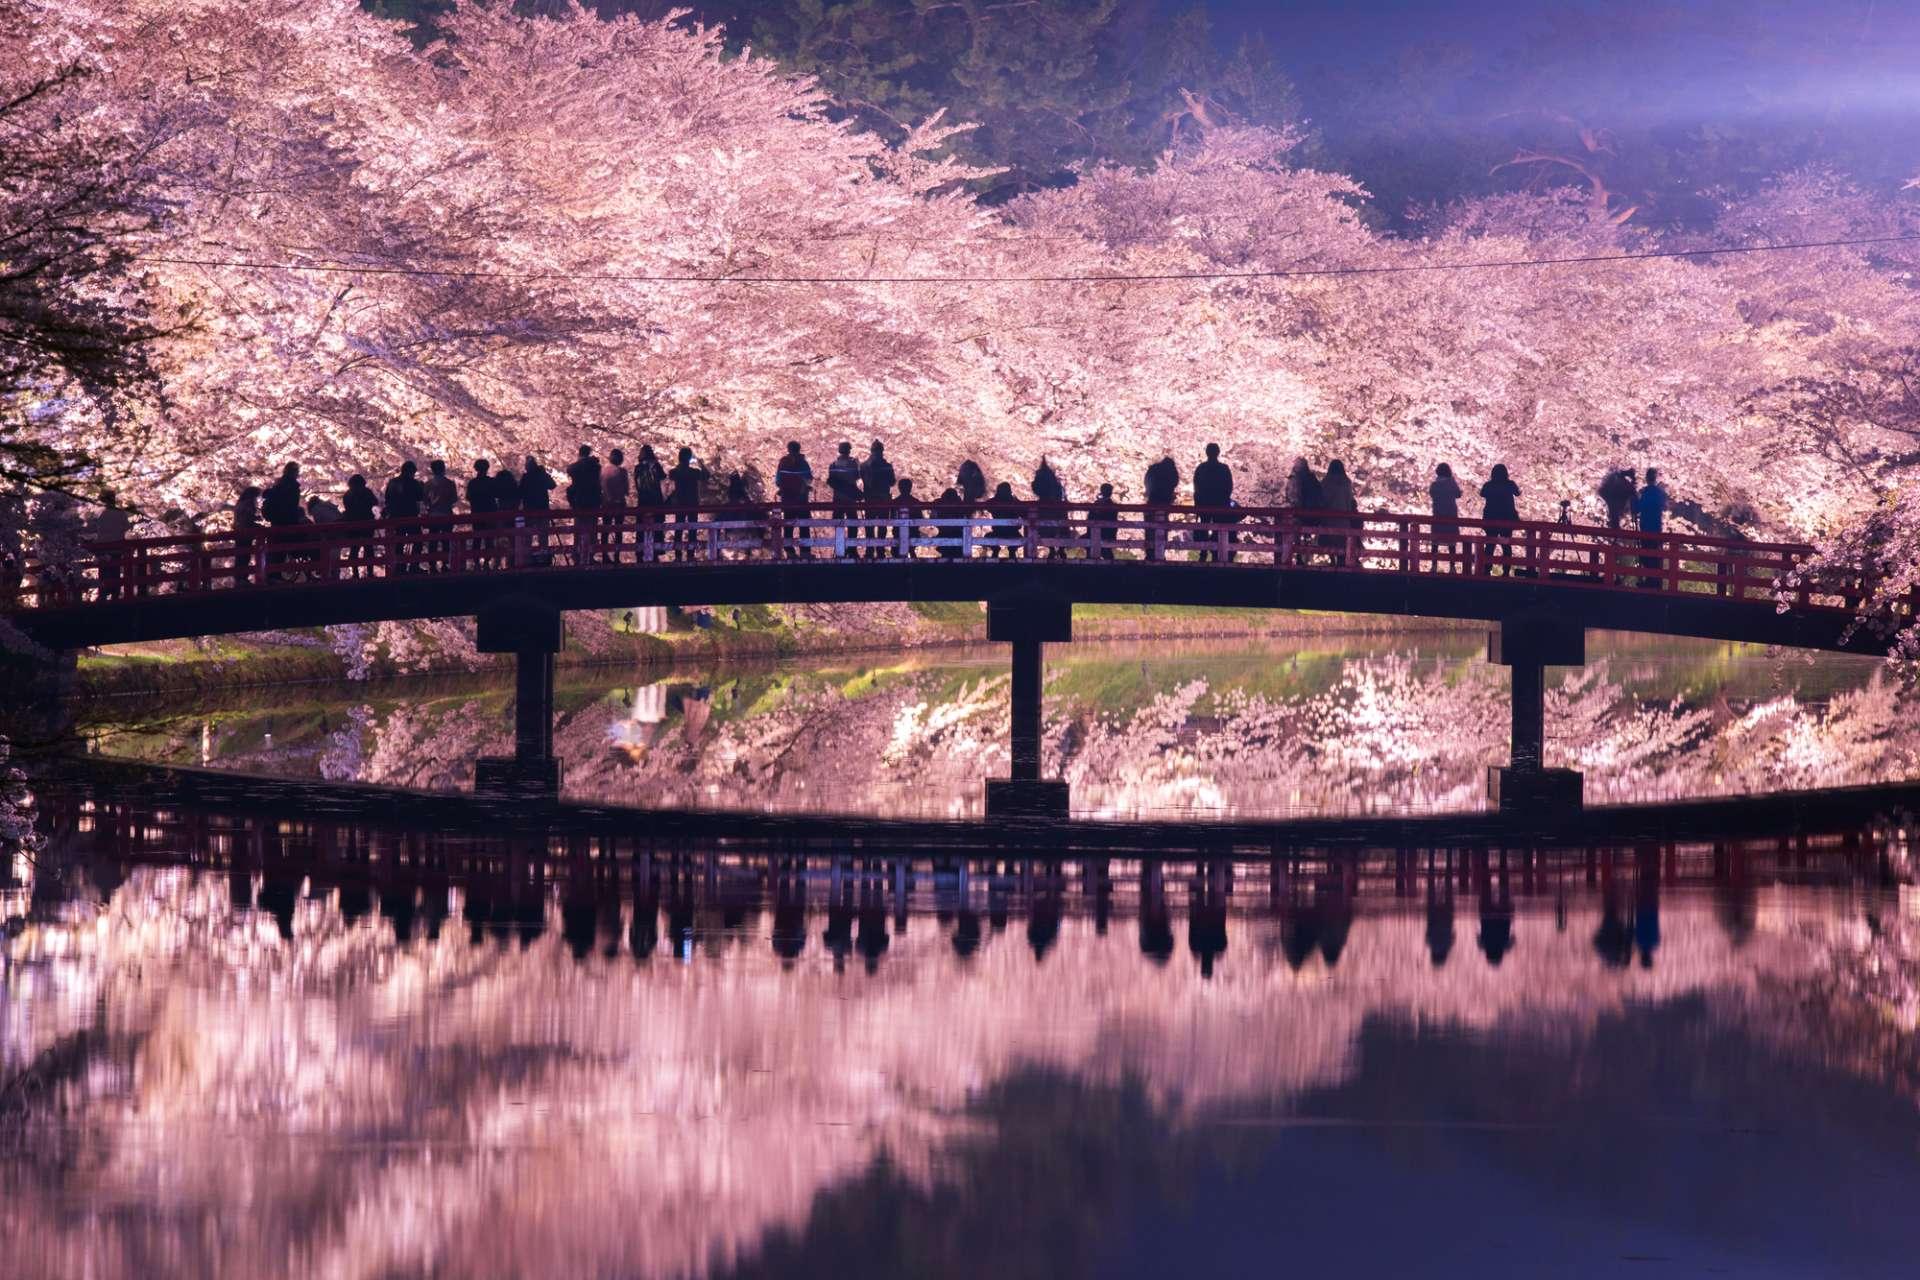 灯光下的樱花充满着梦幻色彩